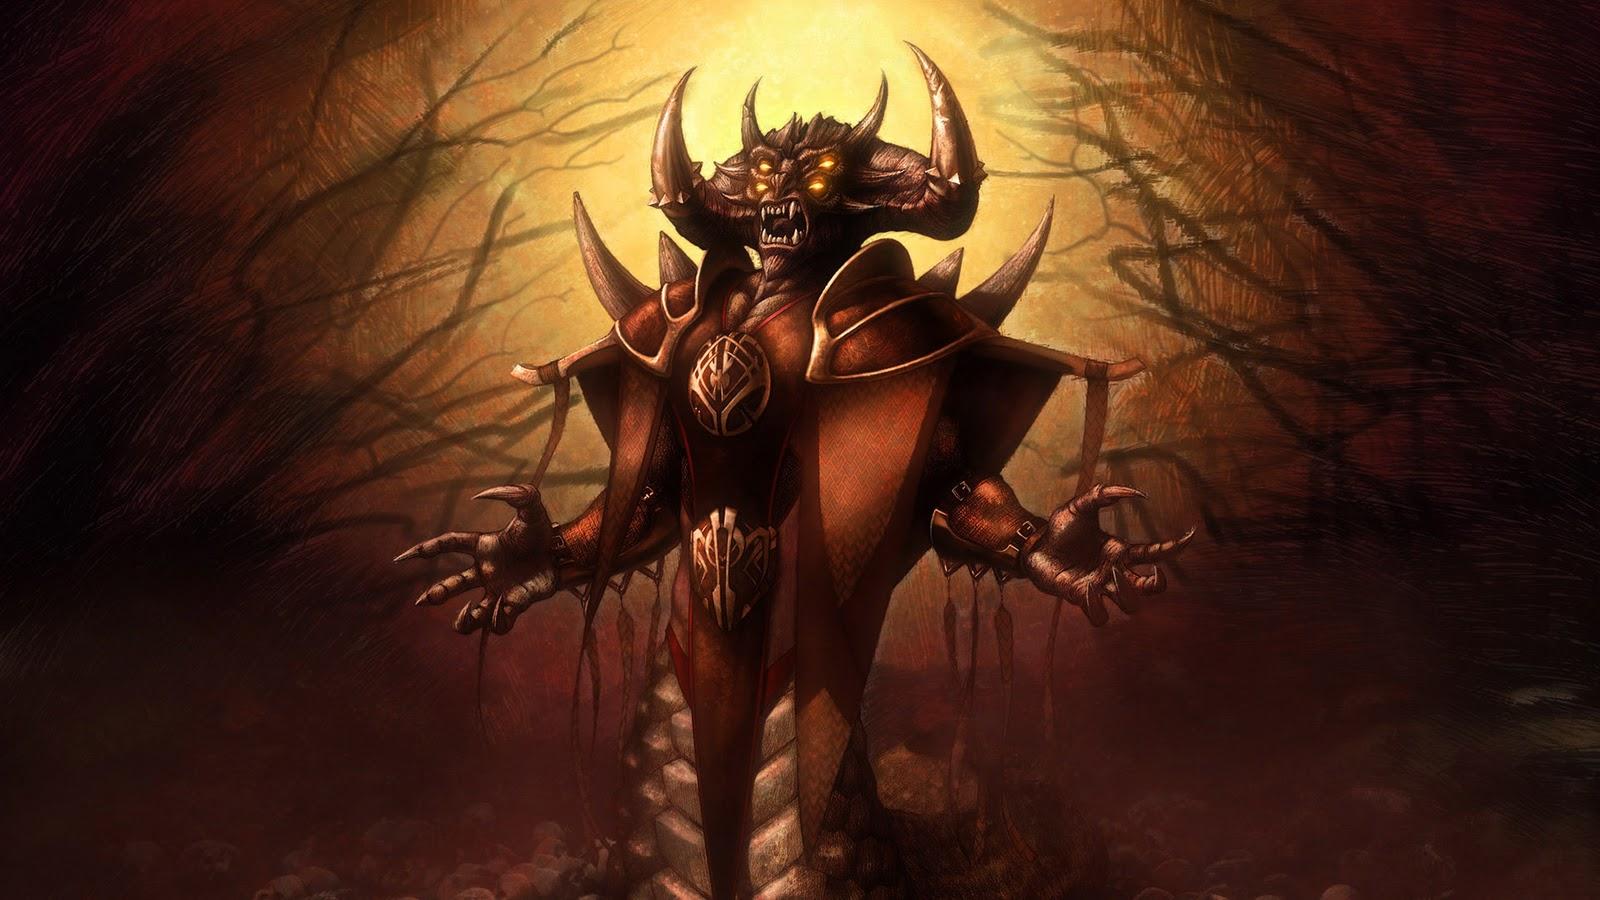 Halloween Monsters Wallpapers Demon King Wallpapers 1600x900